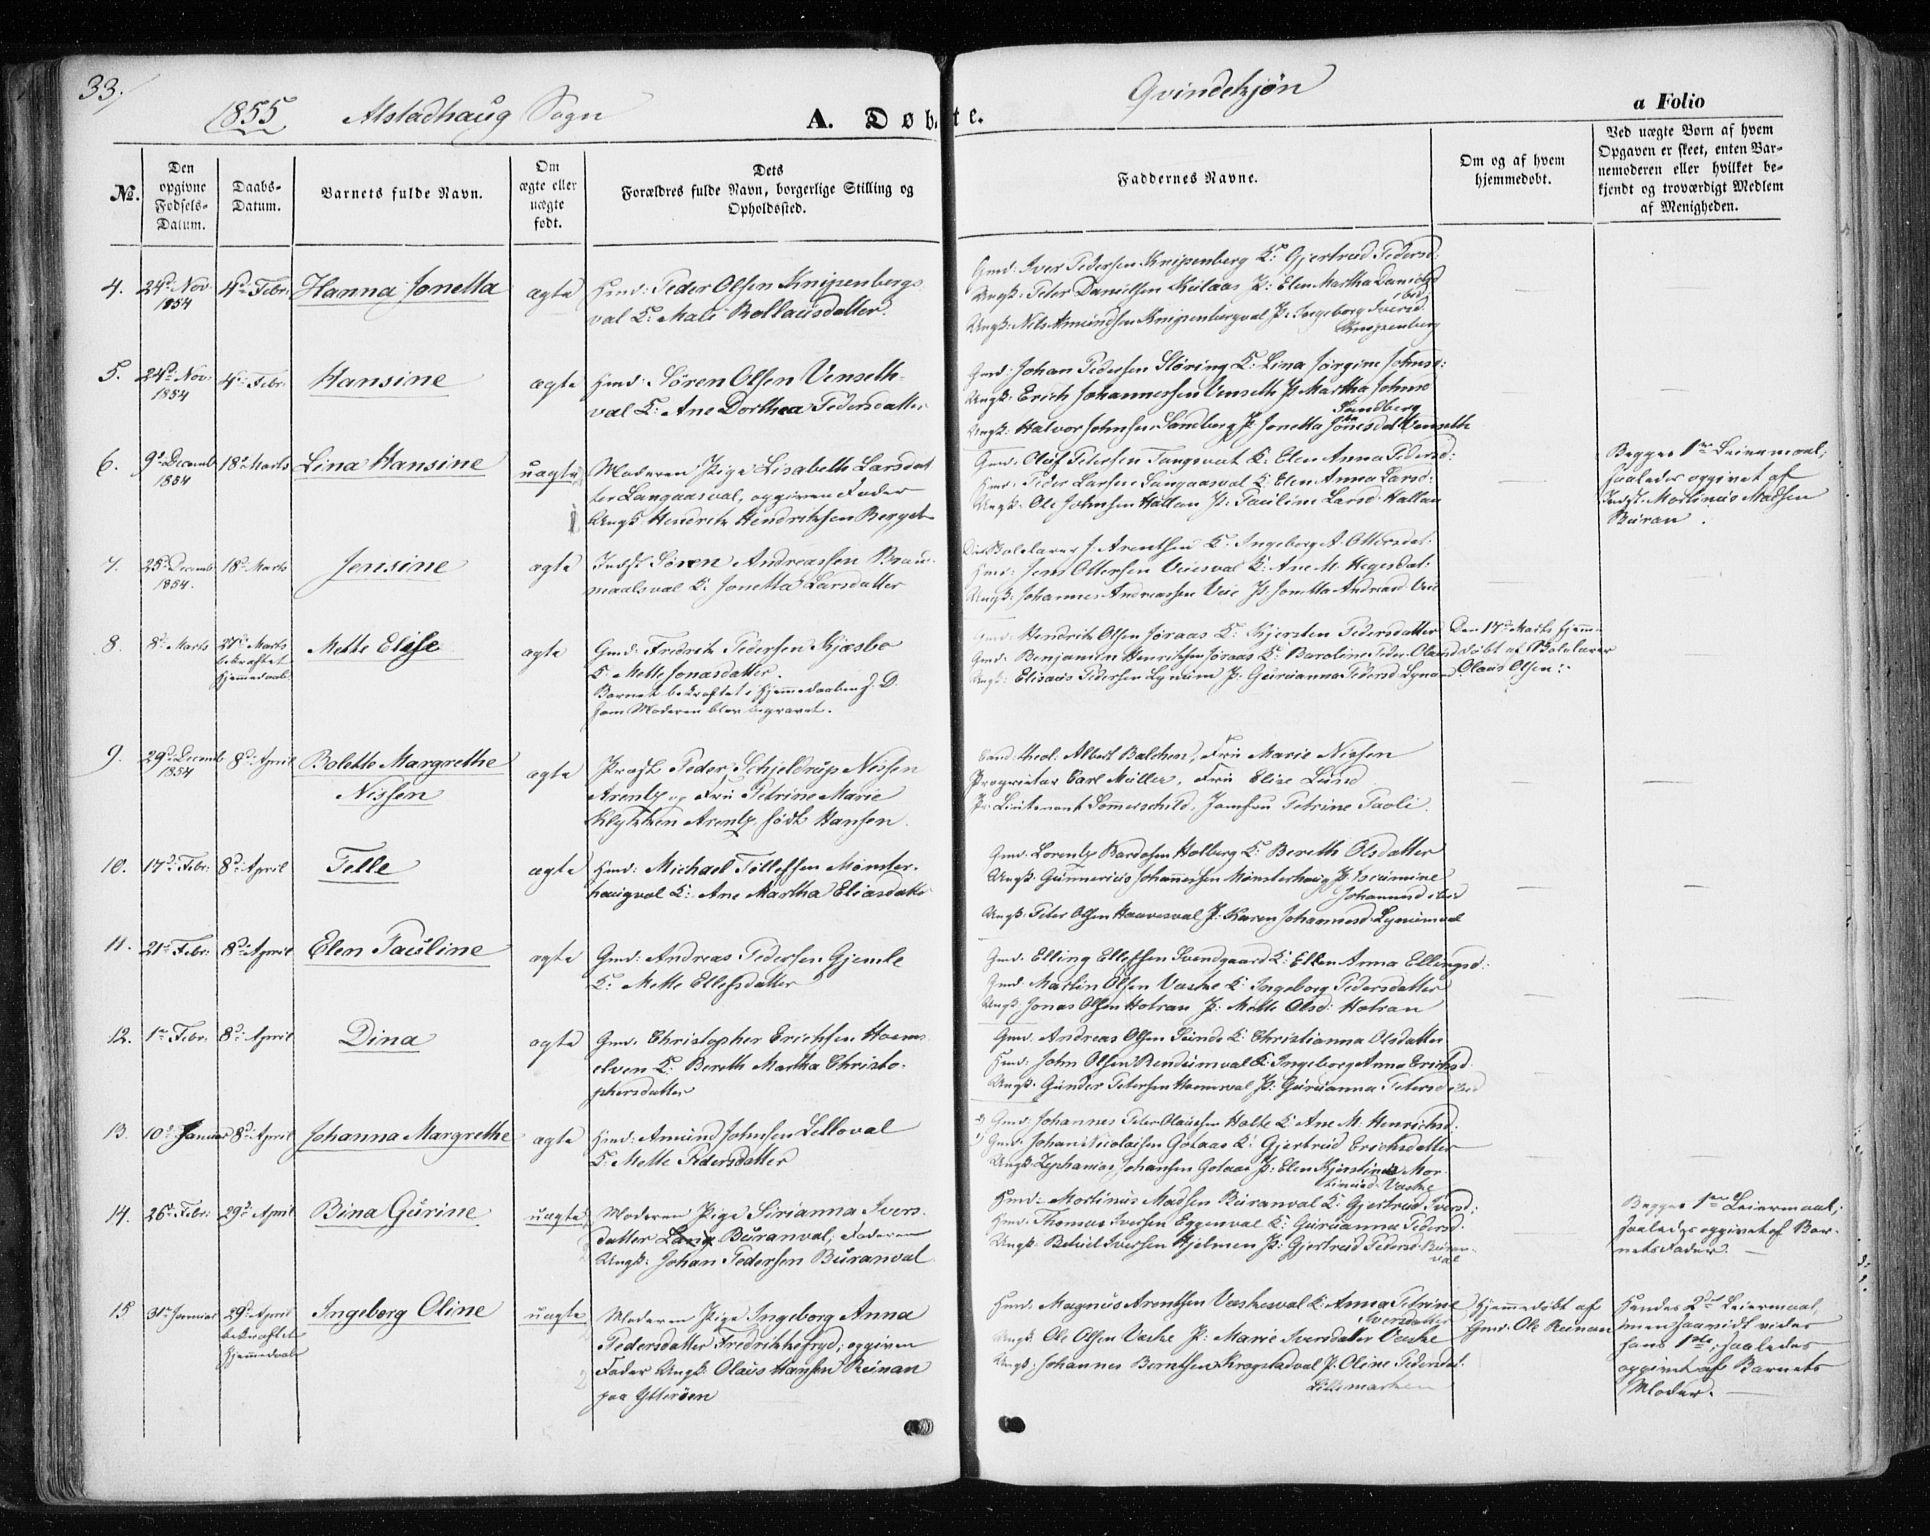 SAT, Ministerialprotokoller, klokkerbøker og fødselsregistre - Nord-Trøndelag, 717/L0154: Ministerialbok nr. 717A07 /1, 1850-1862, s. 33